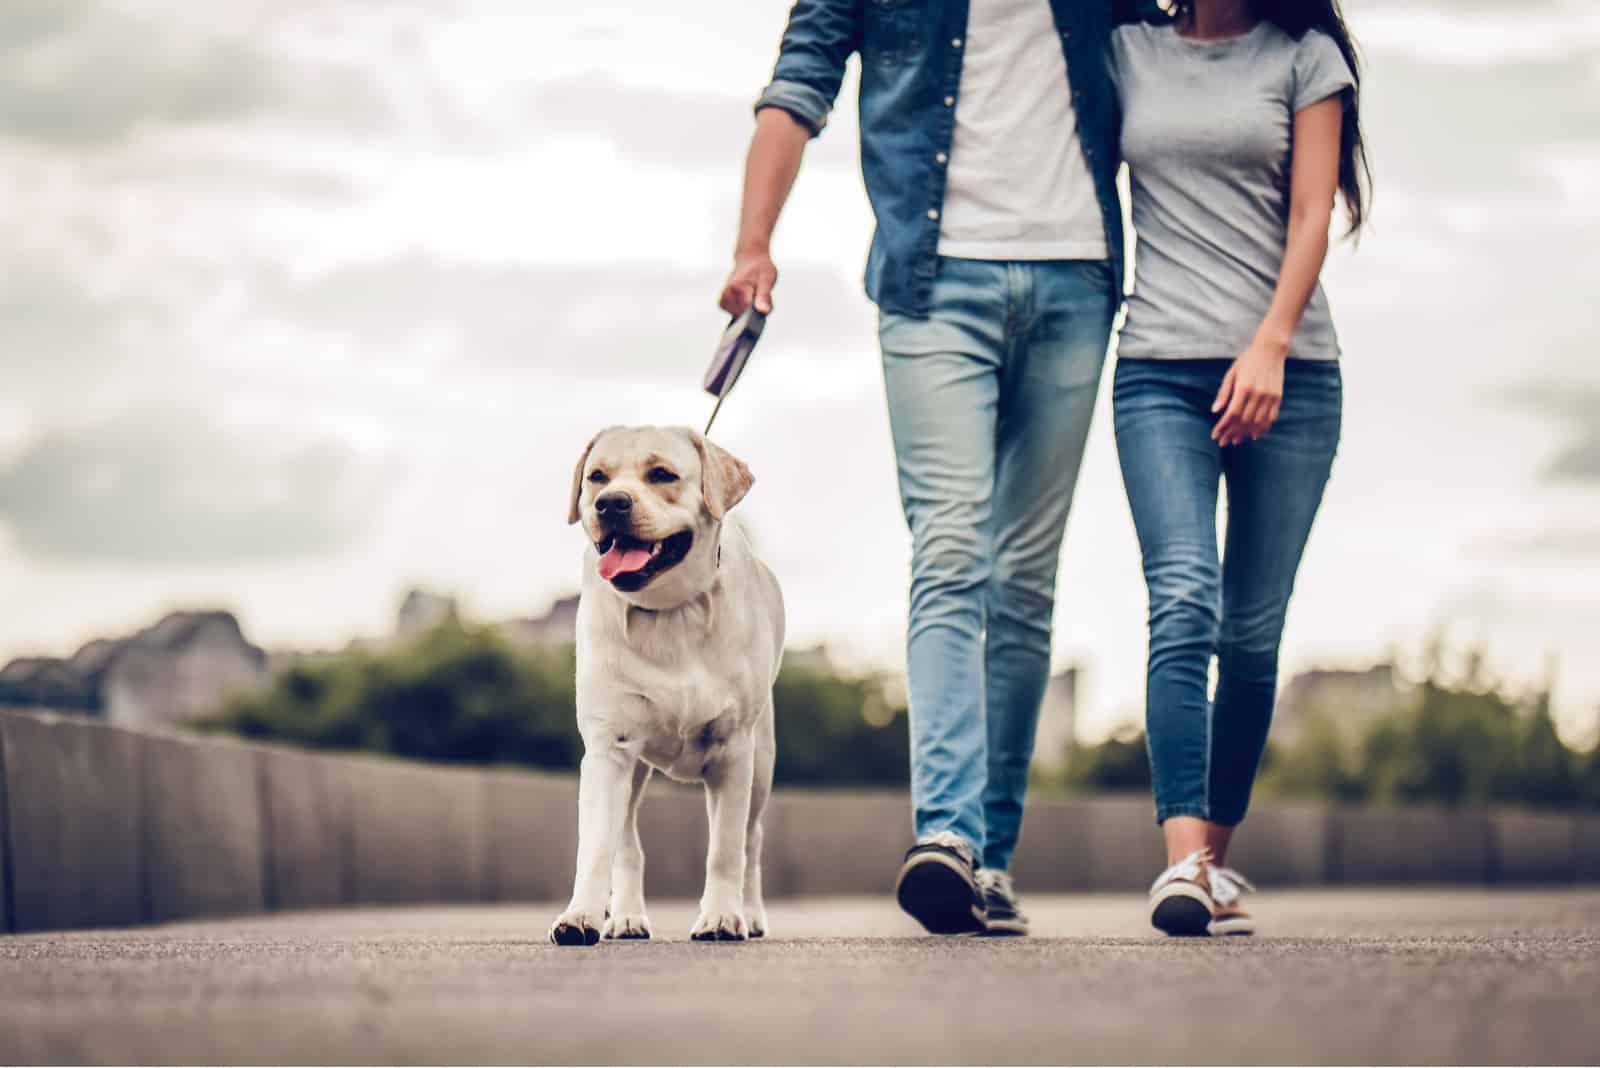 romantisches Paar ist mit ihrem Hund auf einem Spaziergang in der Stadt